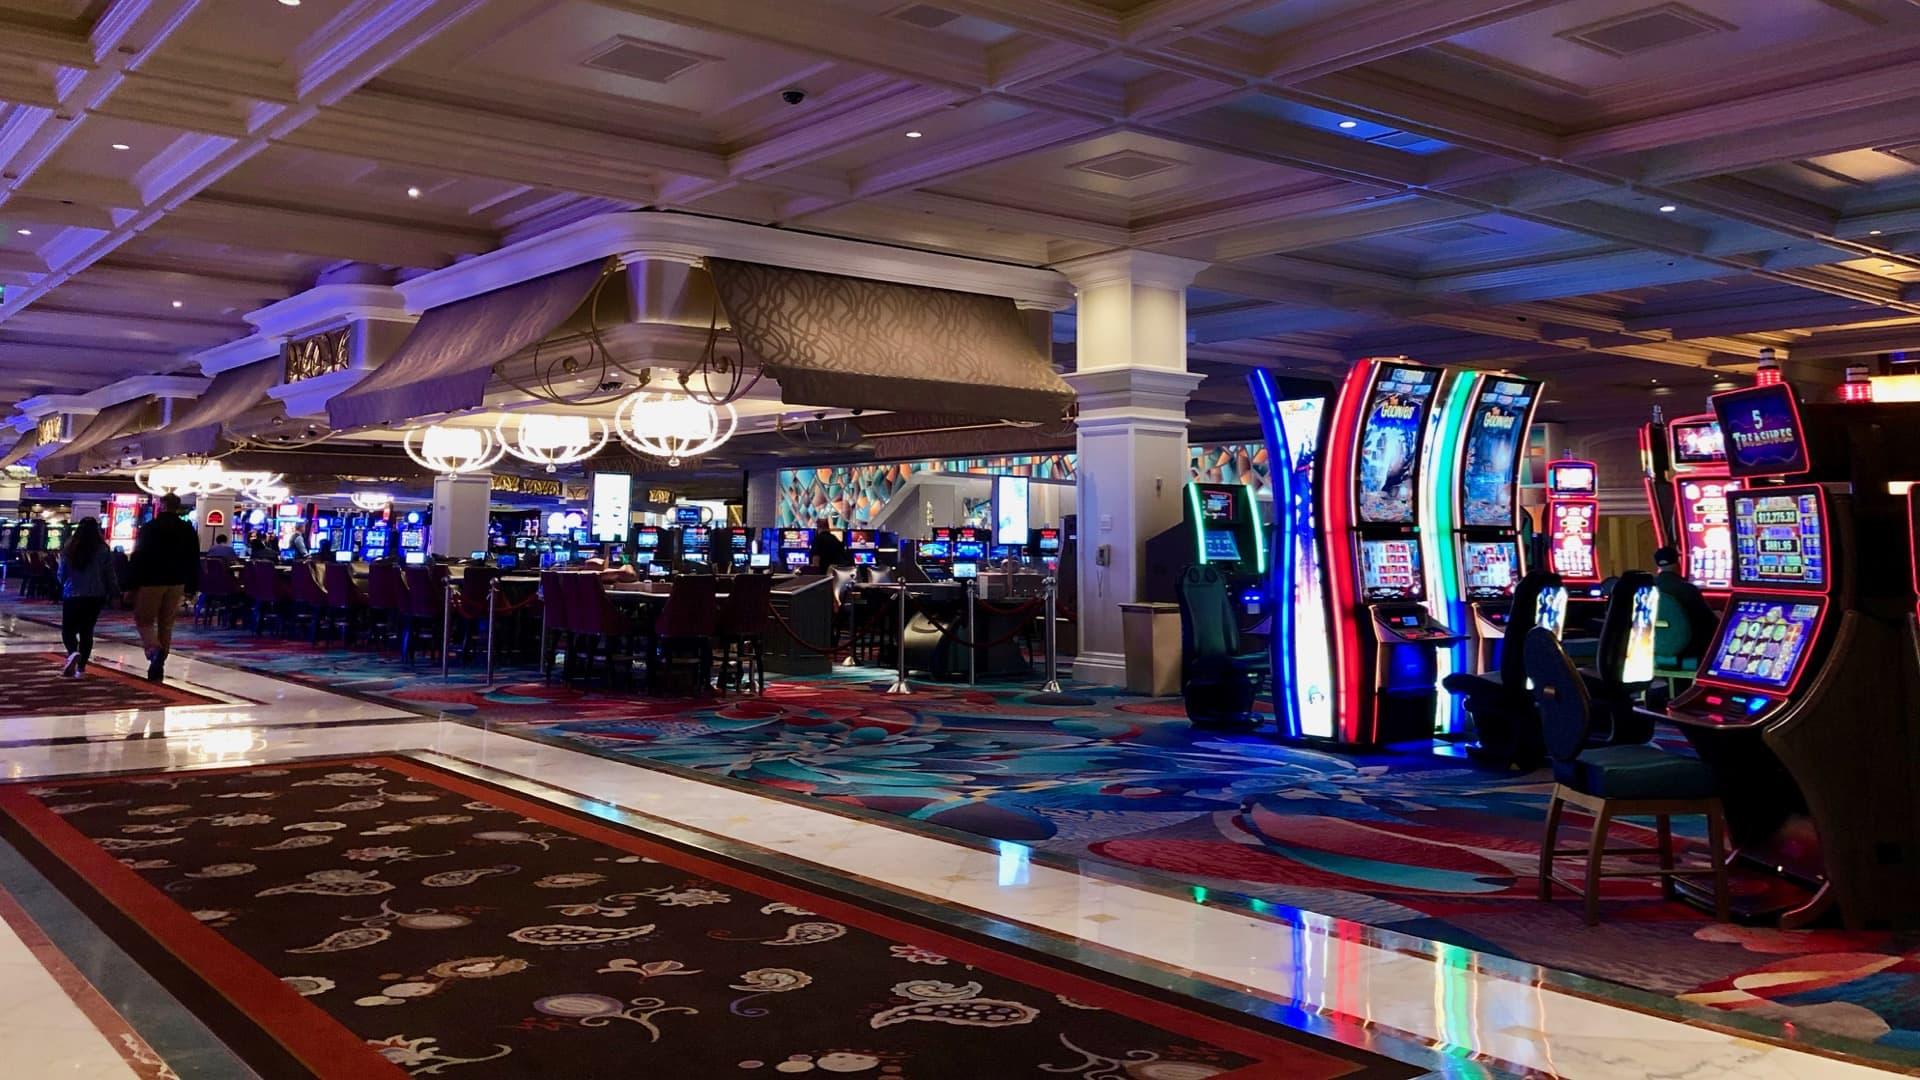 Inside a Las Vegas casino